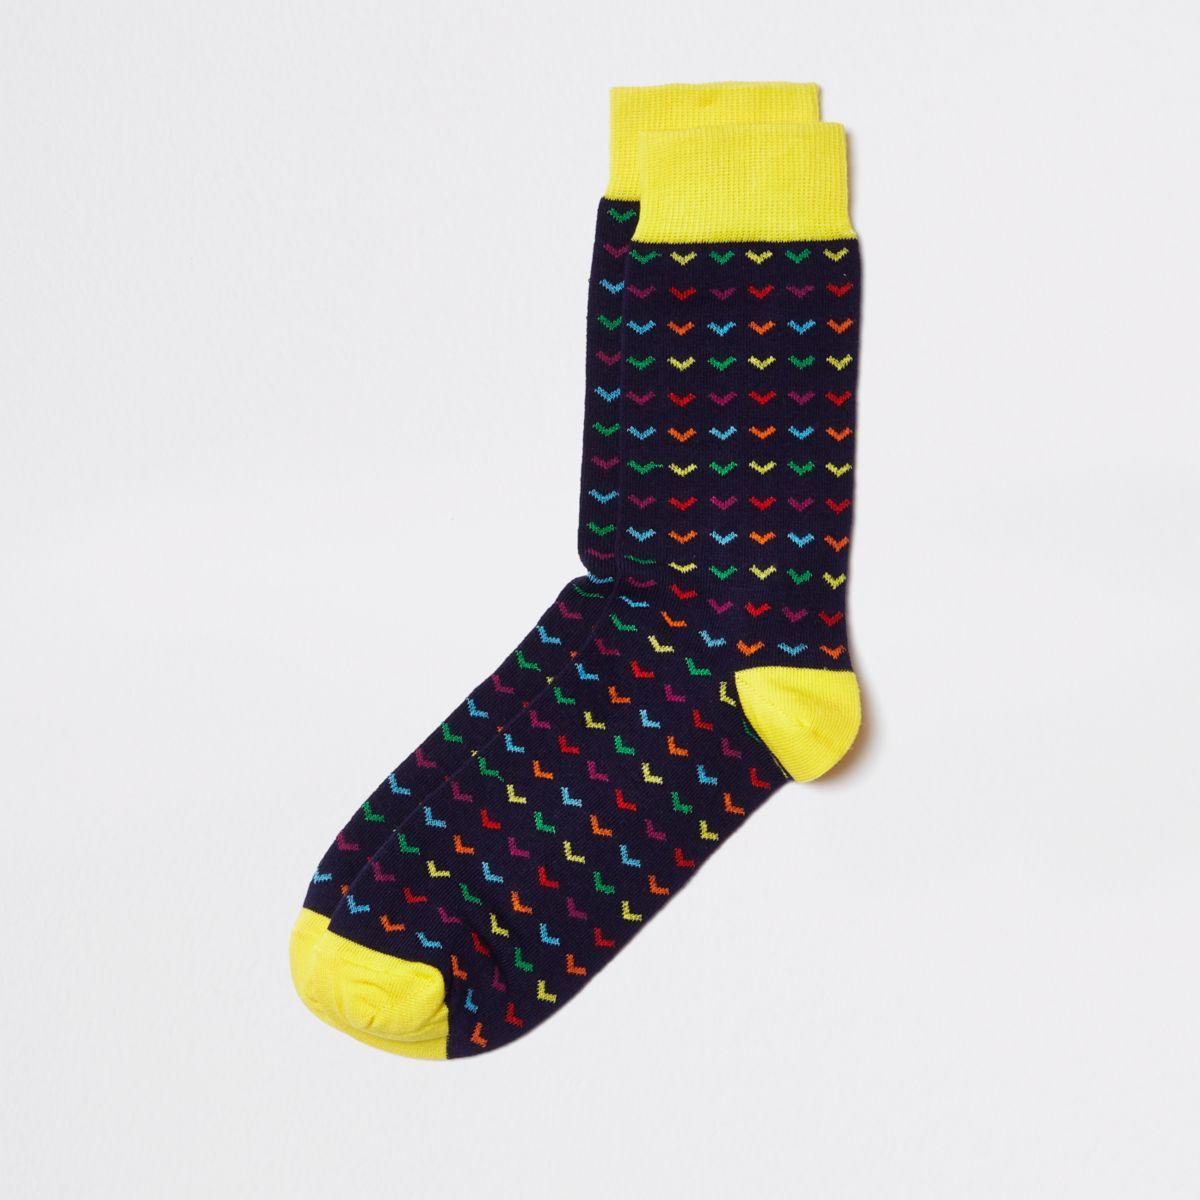 Navy multi print socks